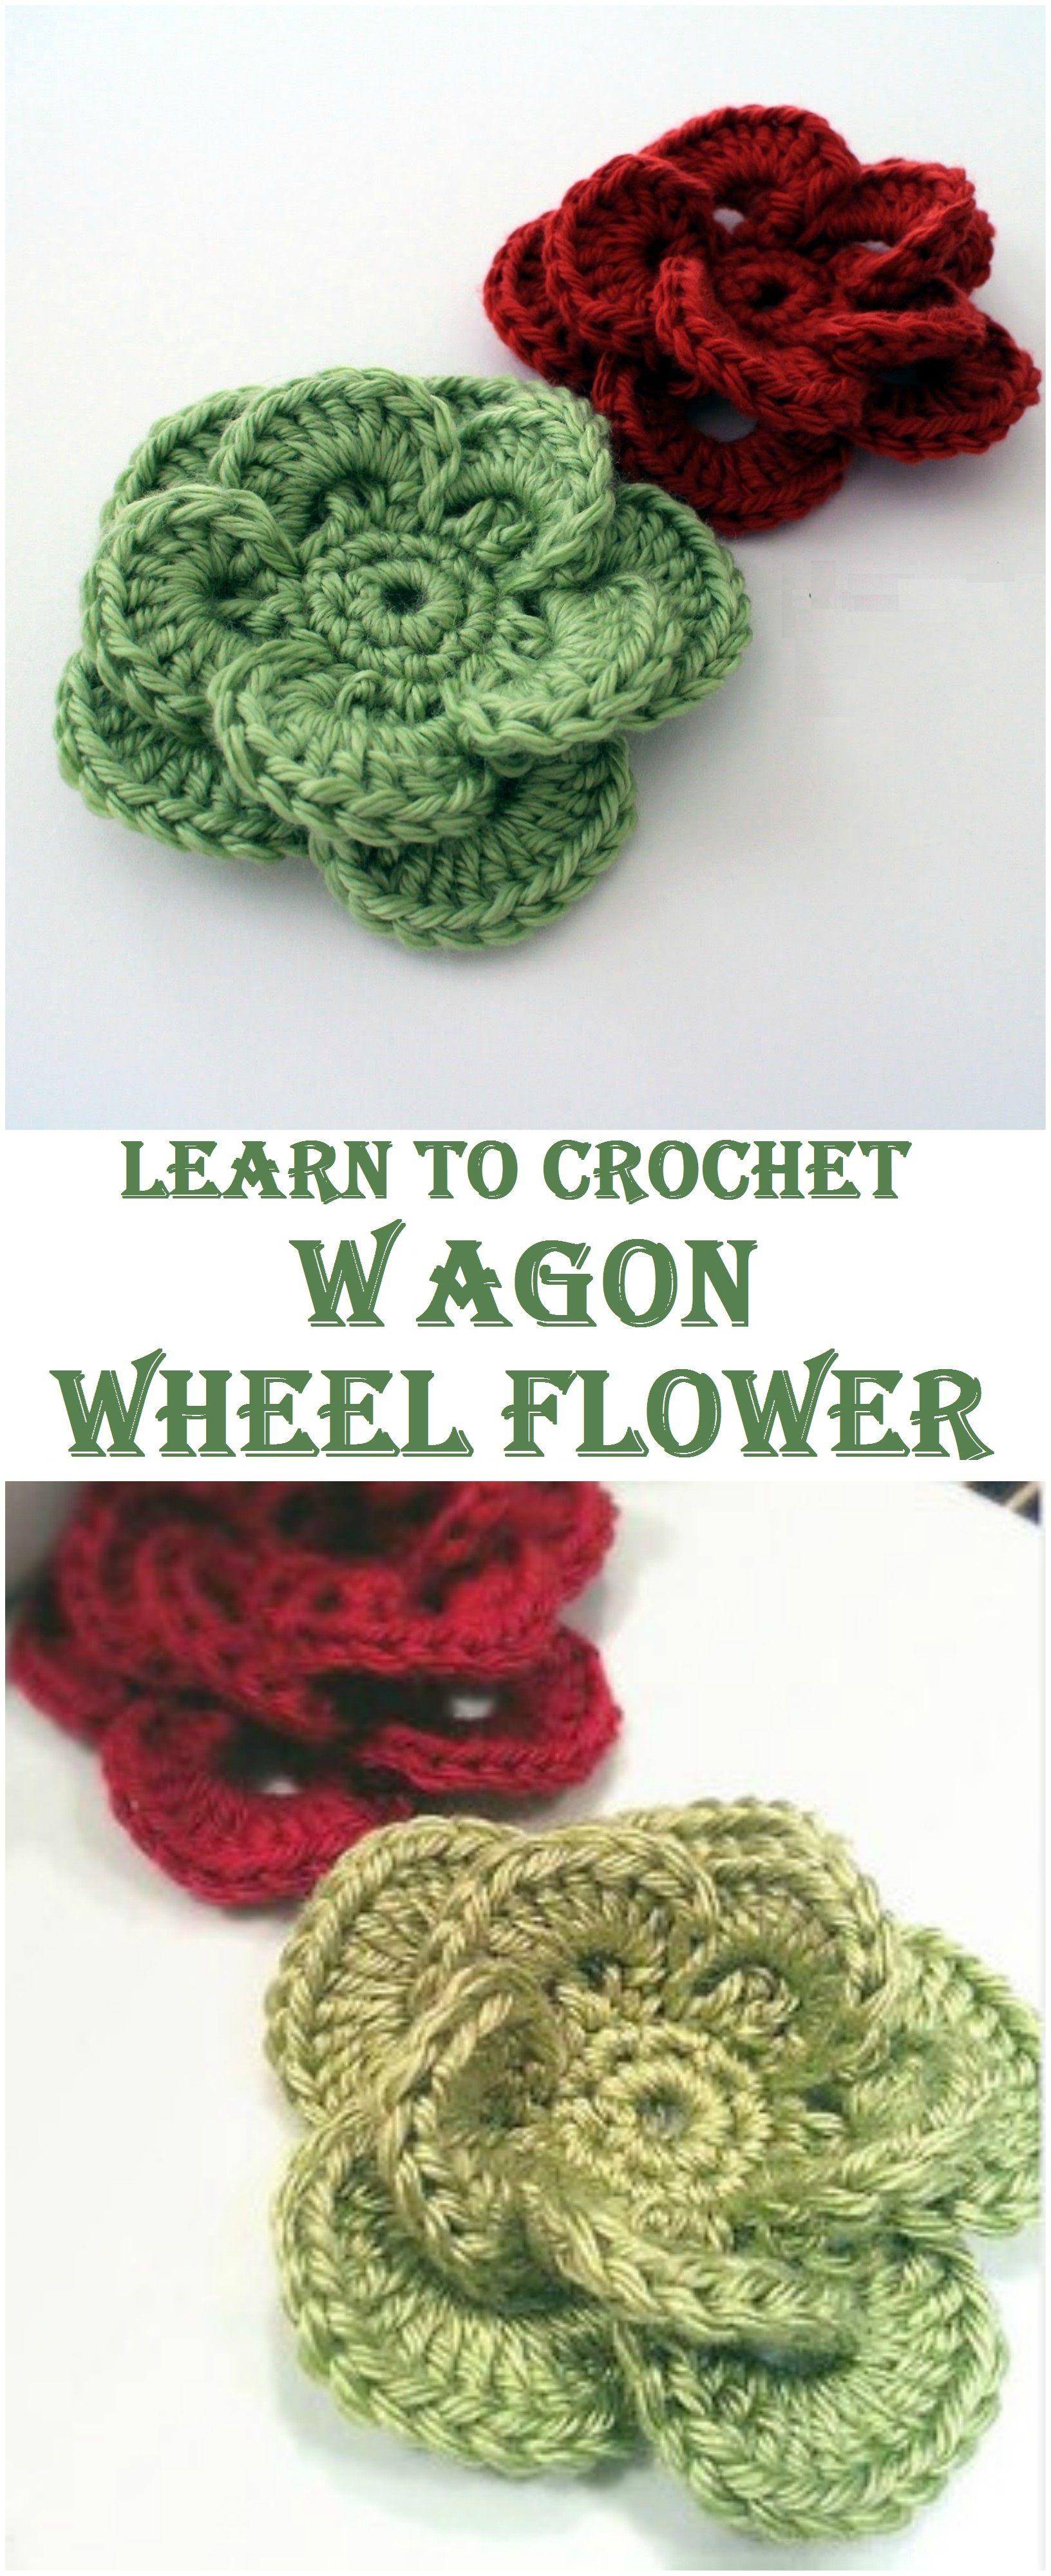 Crochet Wagon Wheel Flower | crochet hogar | Pinterest | Ganchillo ...